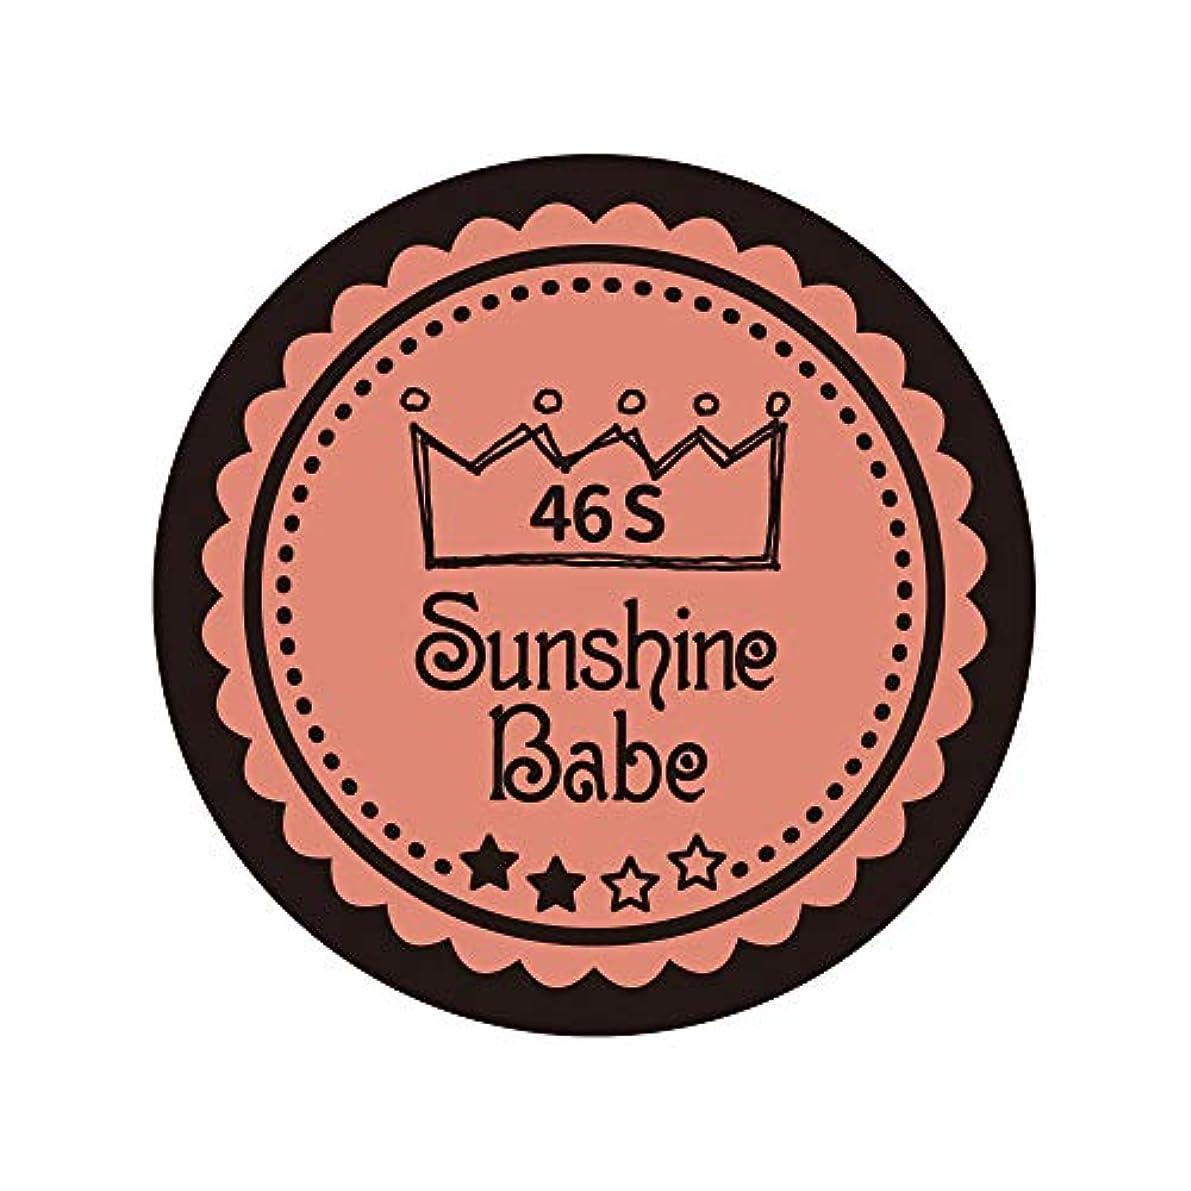 ダイジェスト時代柱Sunshine Babe カラージェル 46S ピンクベージュ 2.7g UV/LED対応